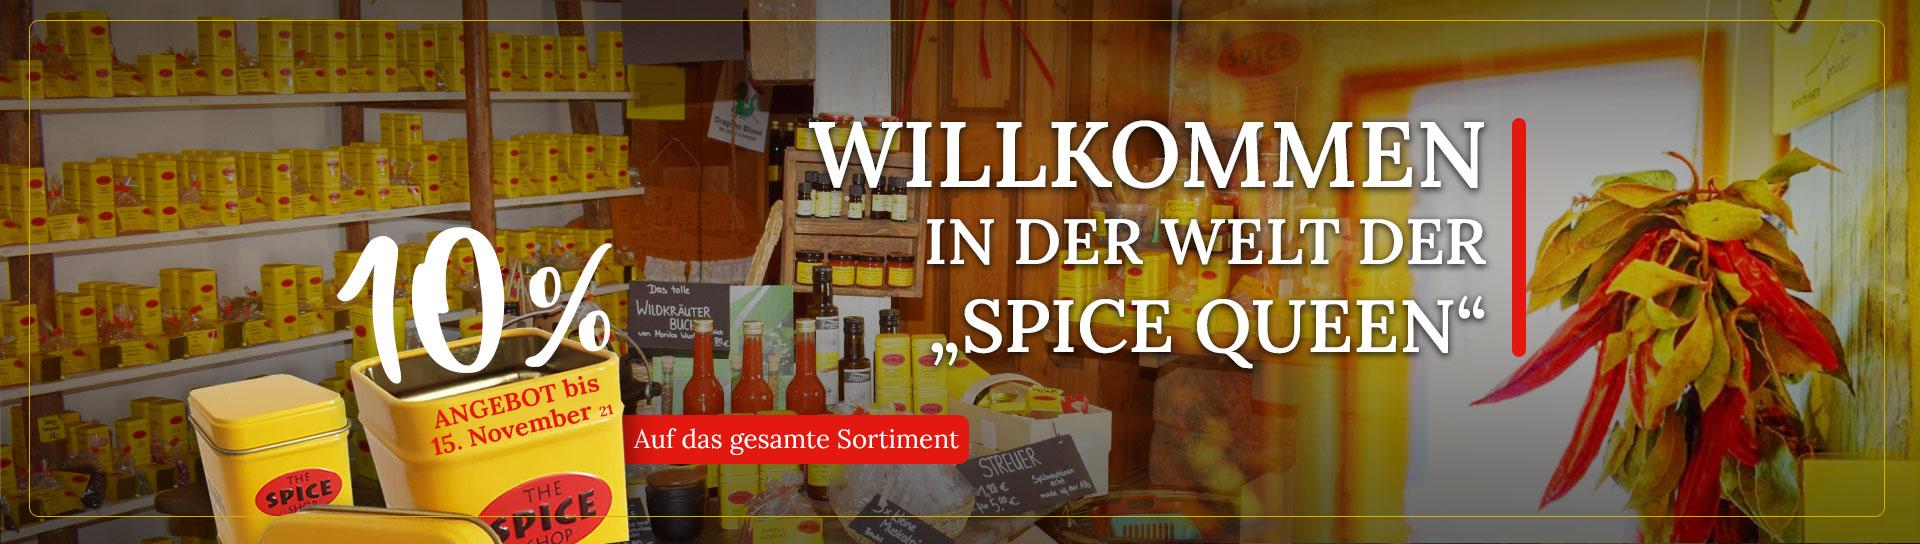 Spice Shop Home Slider - Willkommen - mit Angebot